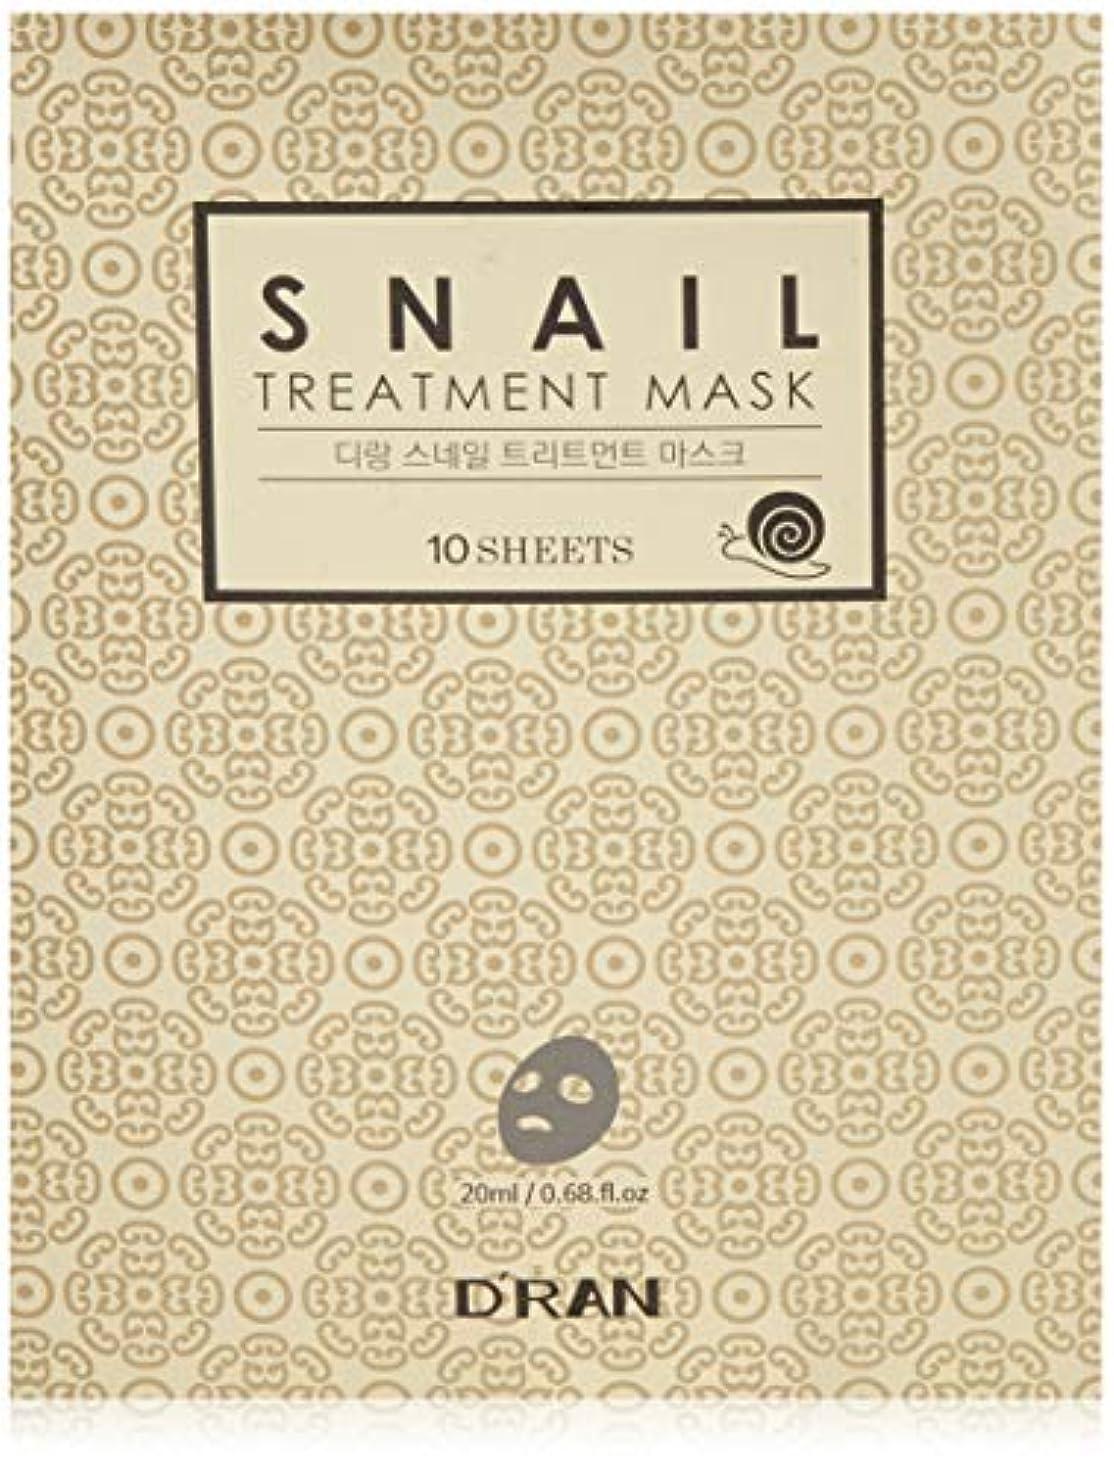 アルカイック体操選手干渉するNew Snail Treatment Mask (1set_10pcs)